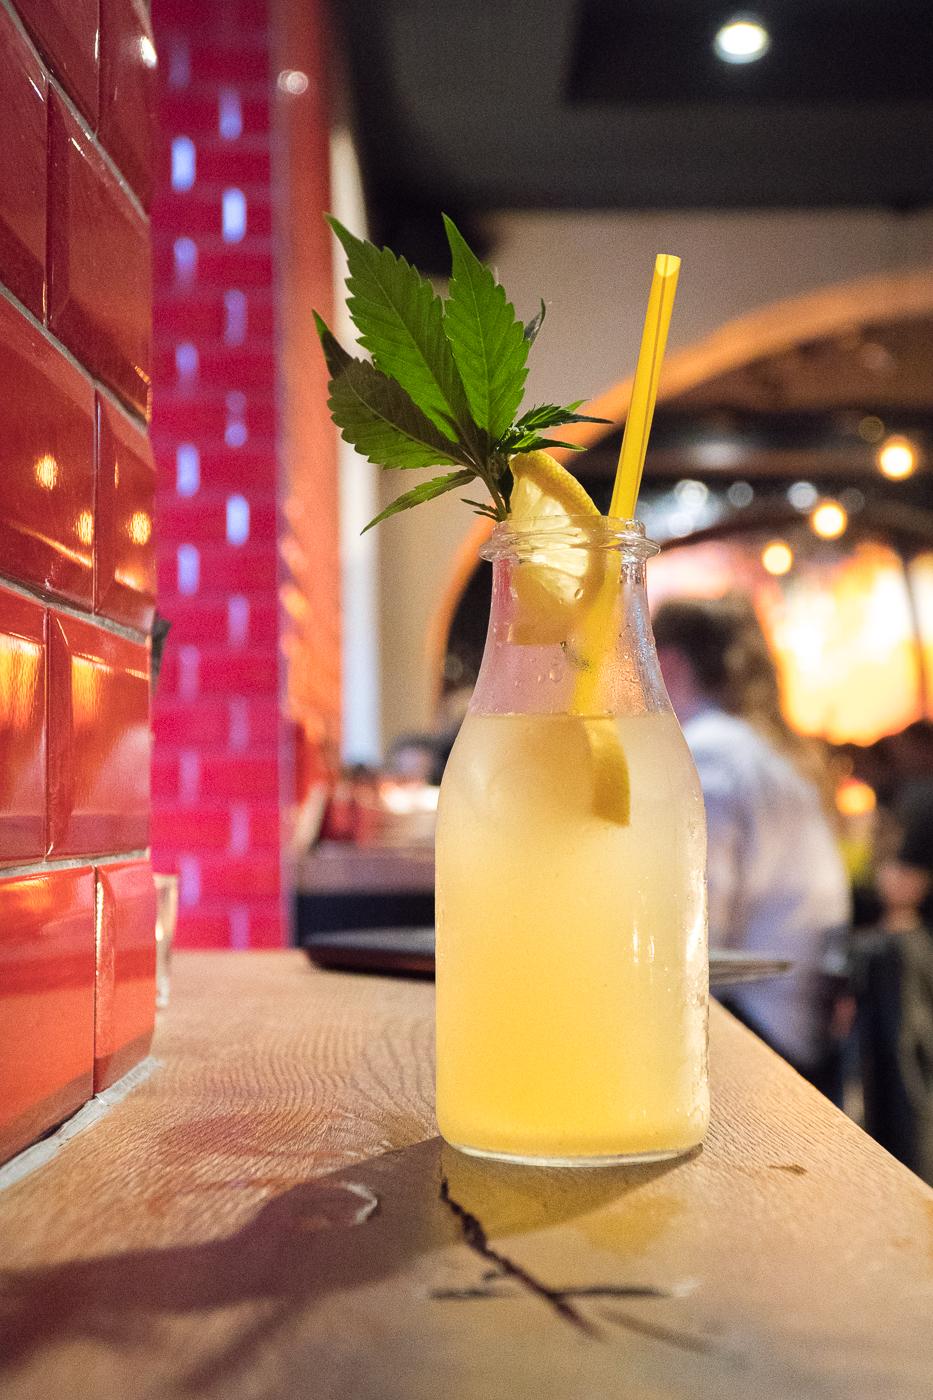 Cocktail limonade au chanvre du Freigeist de Graz